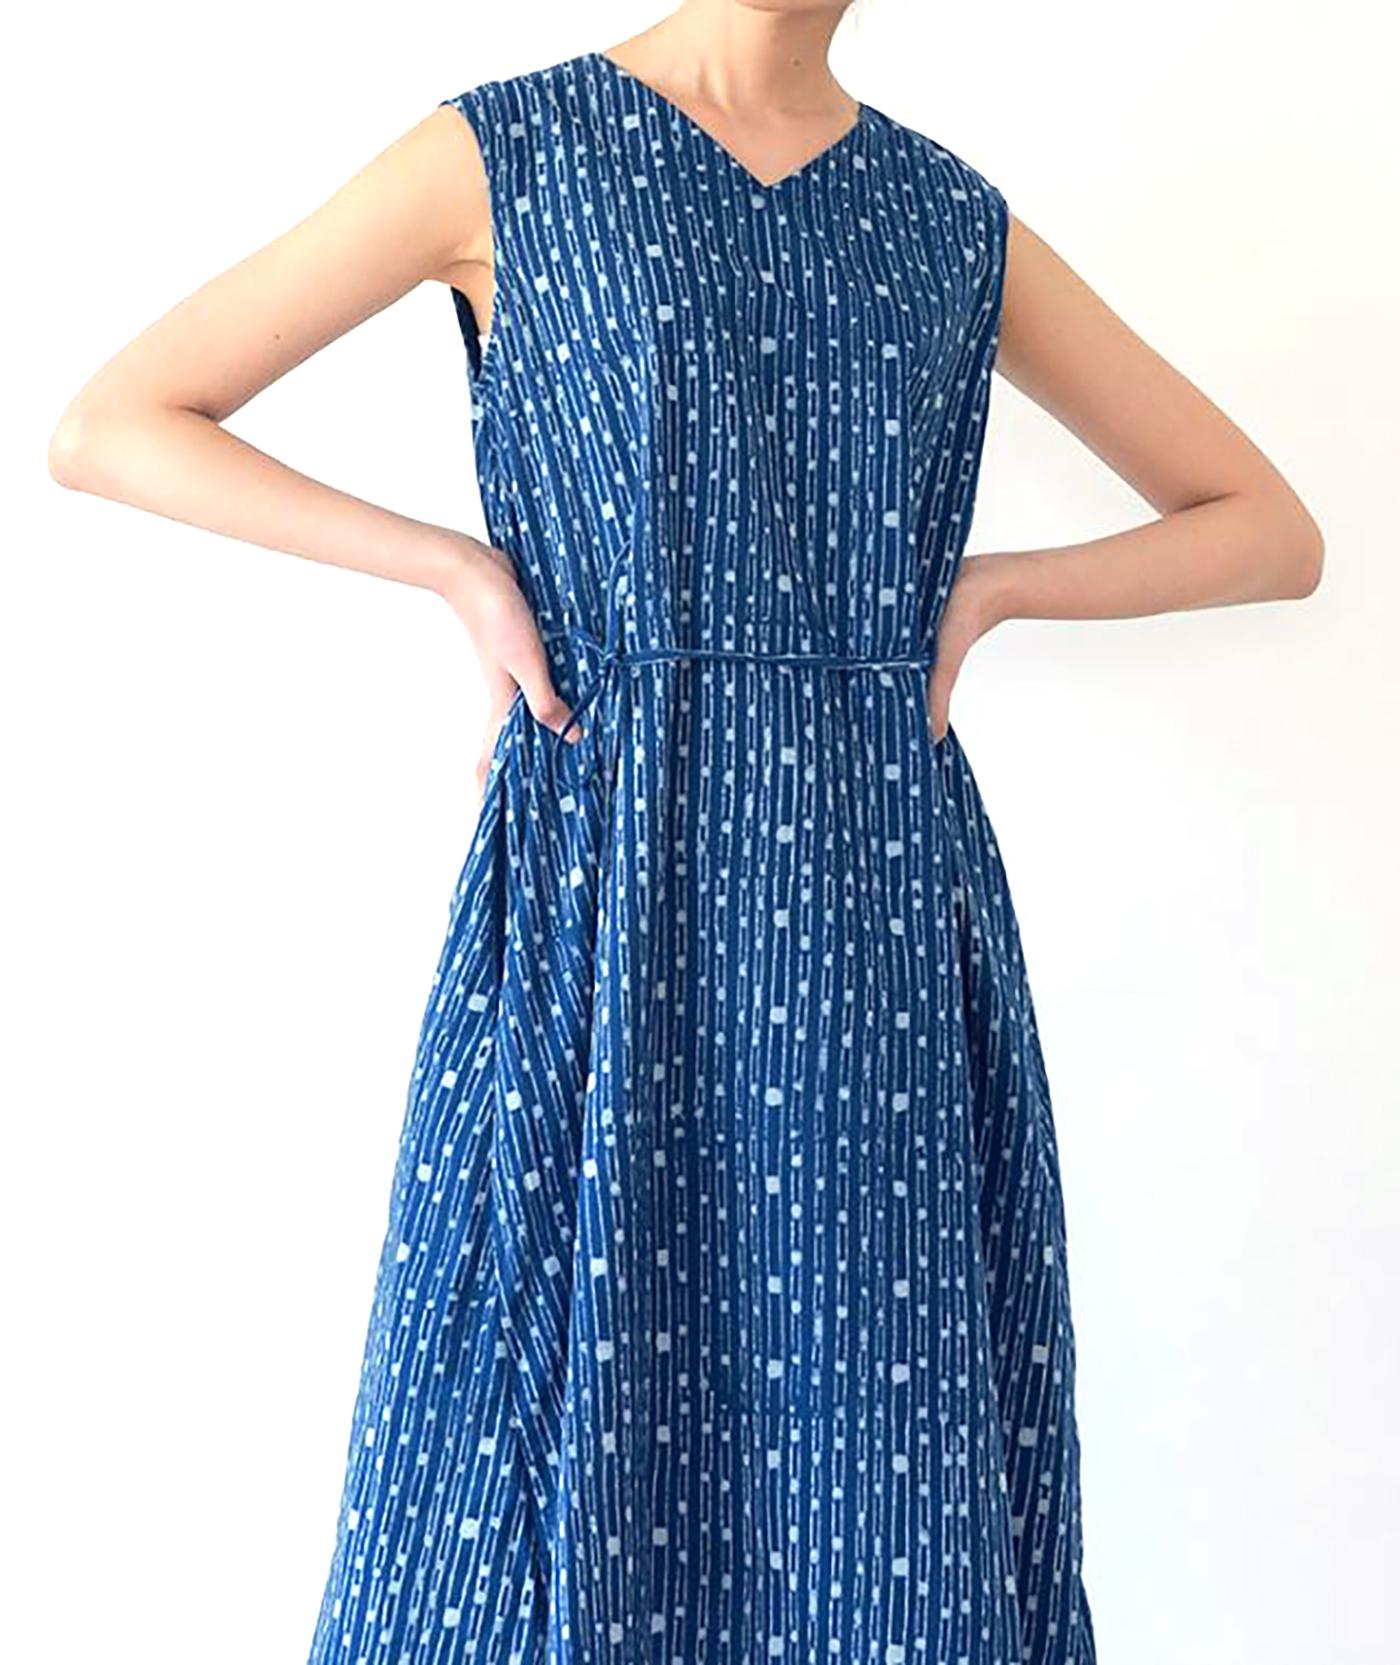 인디고 폼폼 드레스/그루 인디고 폼폼 드레스 상세이미지2